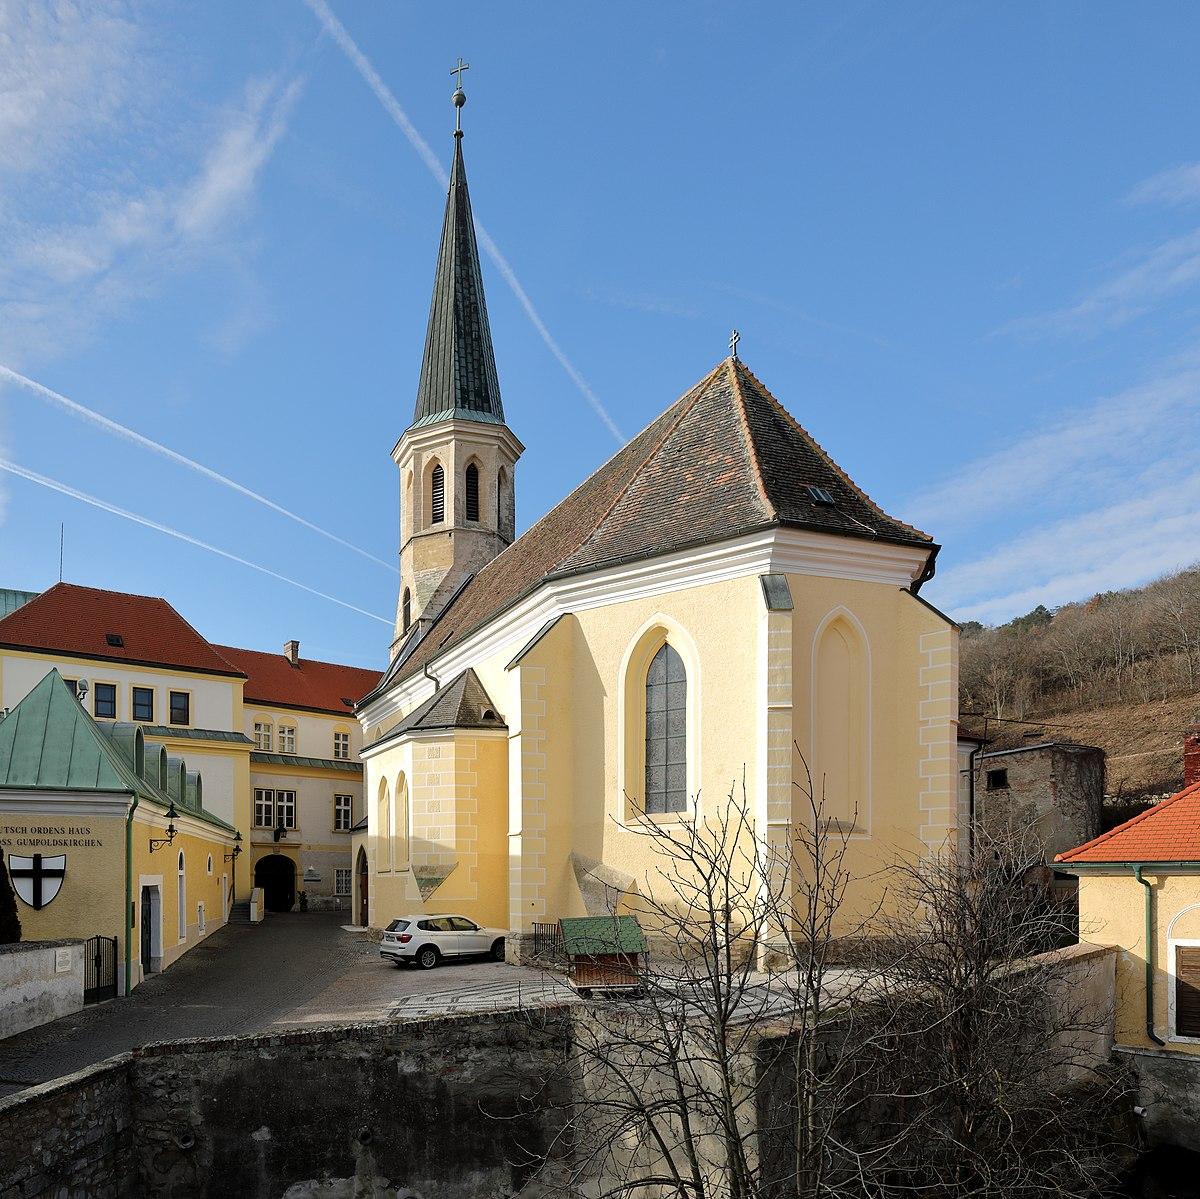 Auffhrung-Events in Gumpoldskirchen, sterreich | Eventbrite